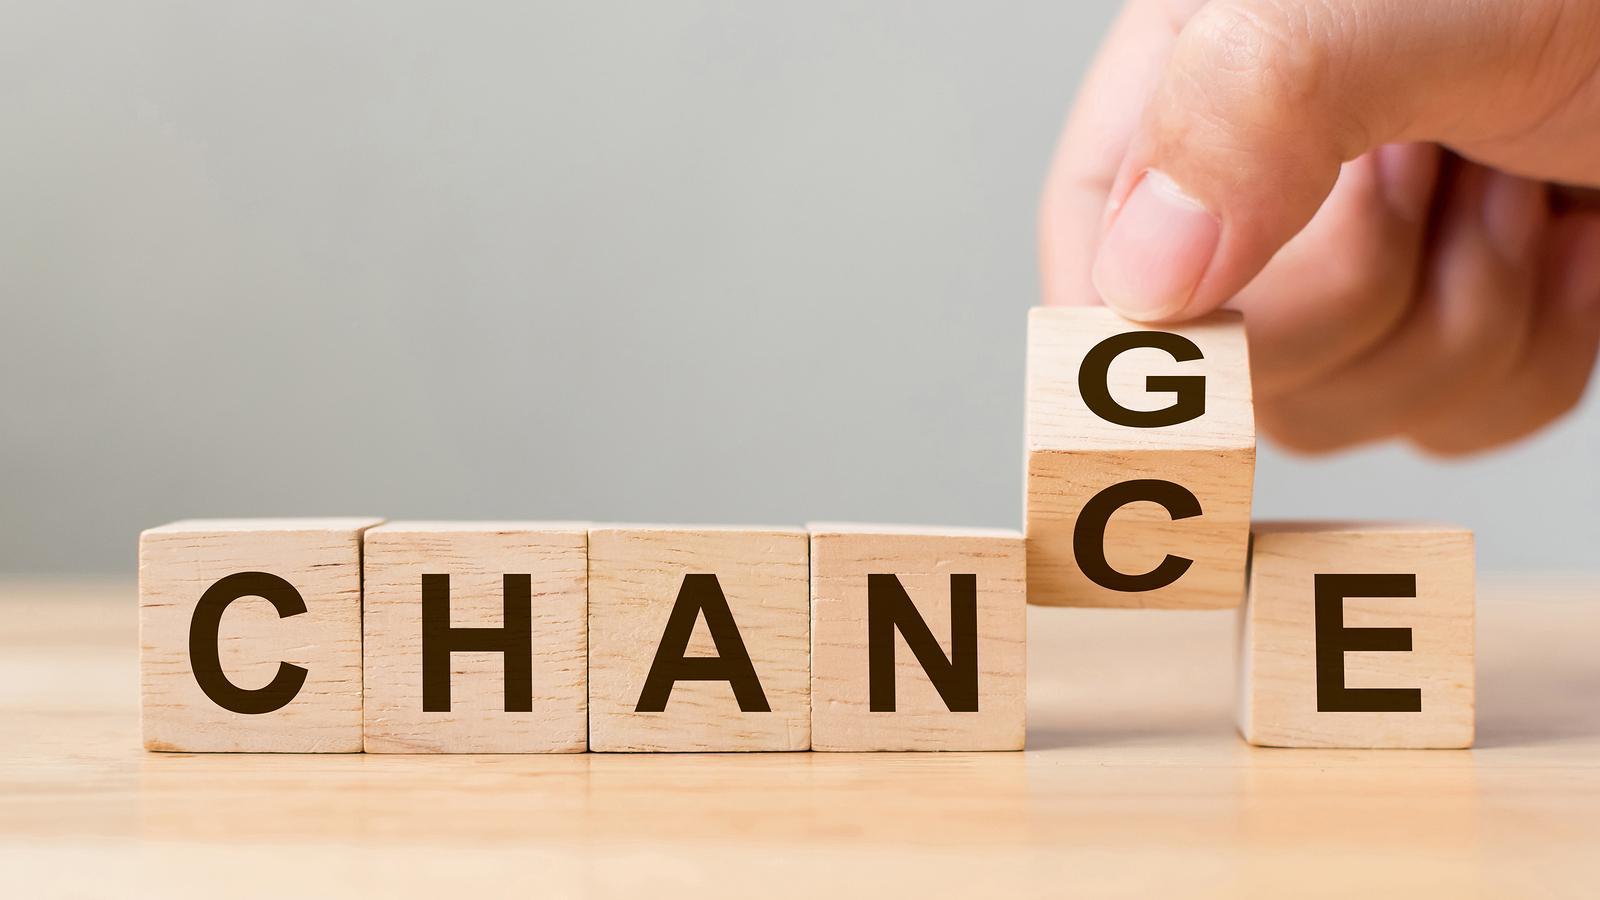 Zmena životného štýlu: ako môže pomôcť a v čom spočíva? (1.)